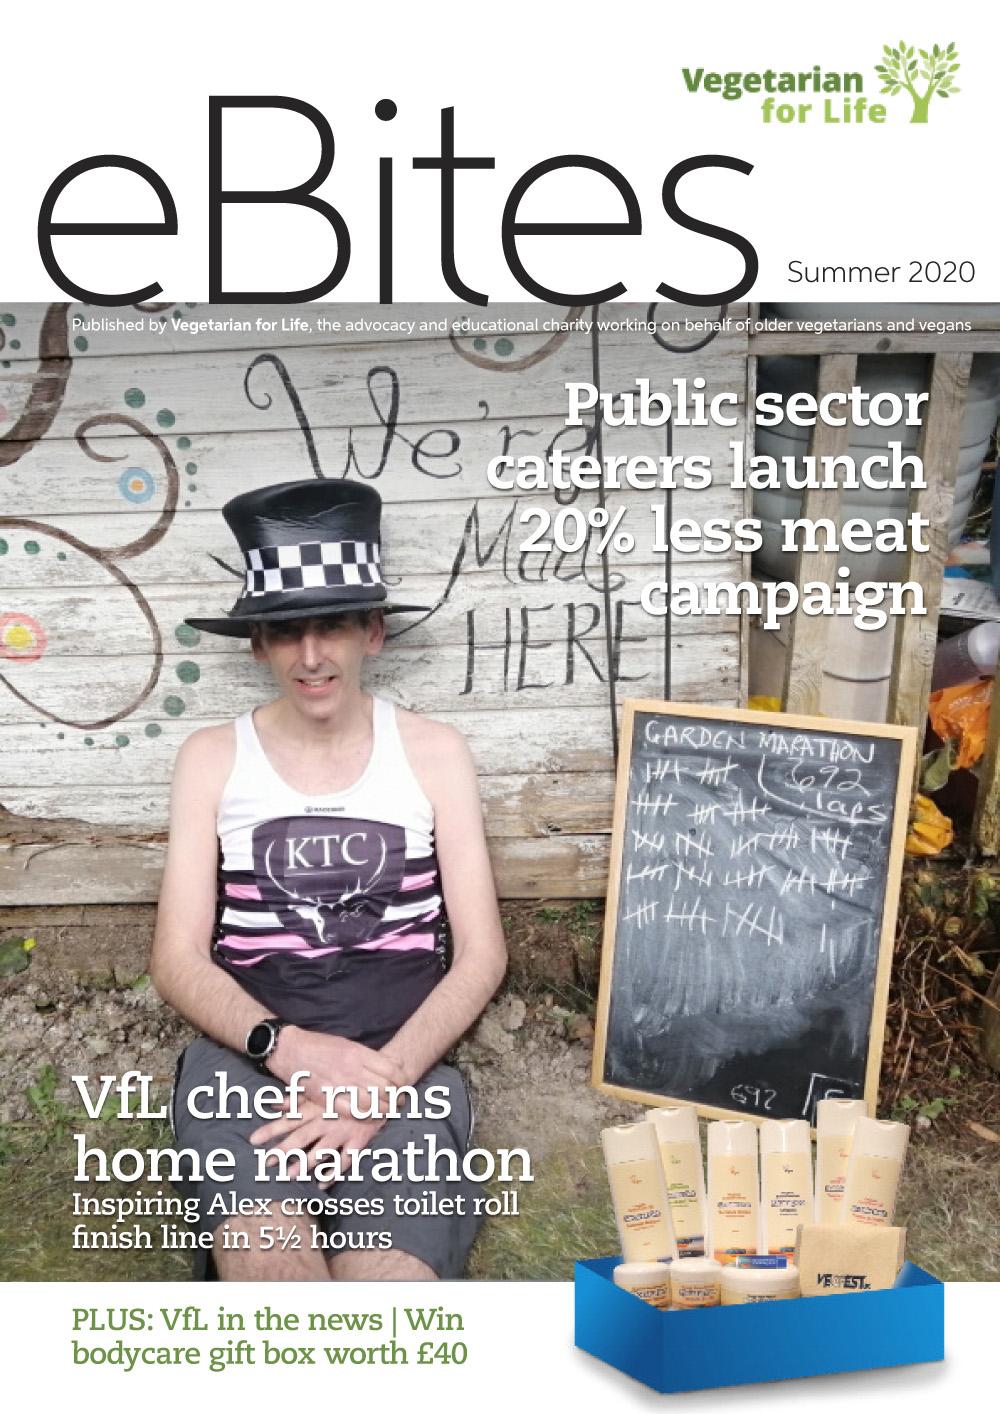 eBites Summer 2020